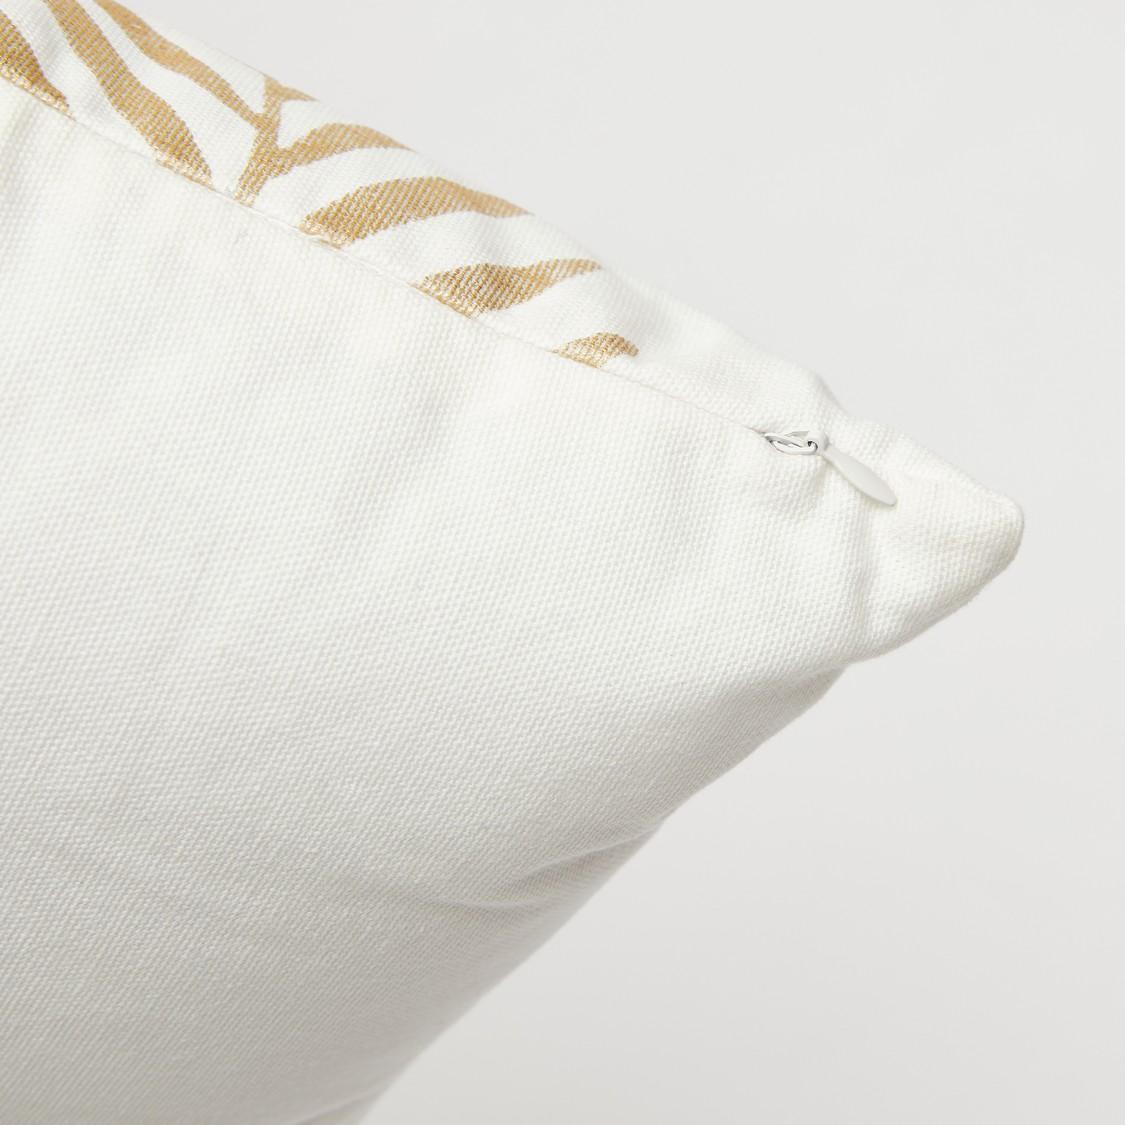 وسادة محشوّة بطبعات ورق شجر بسحّاب إغلاق - 45x45 سم